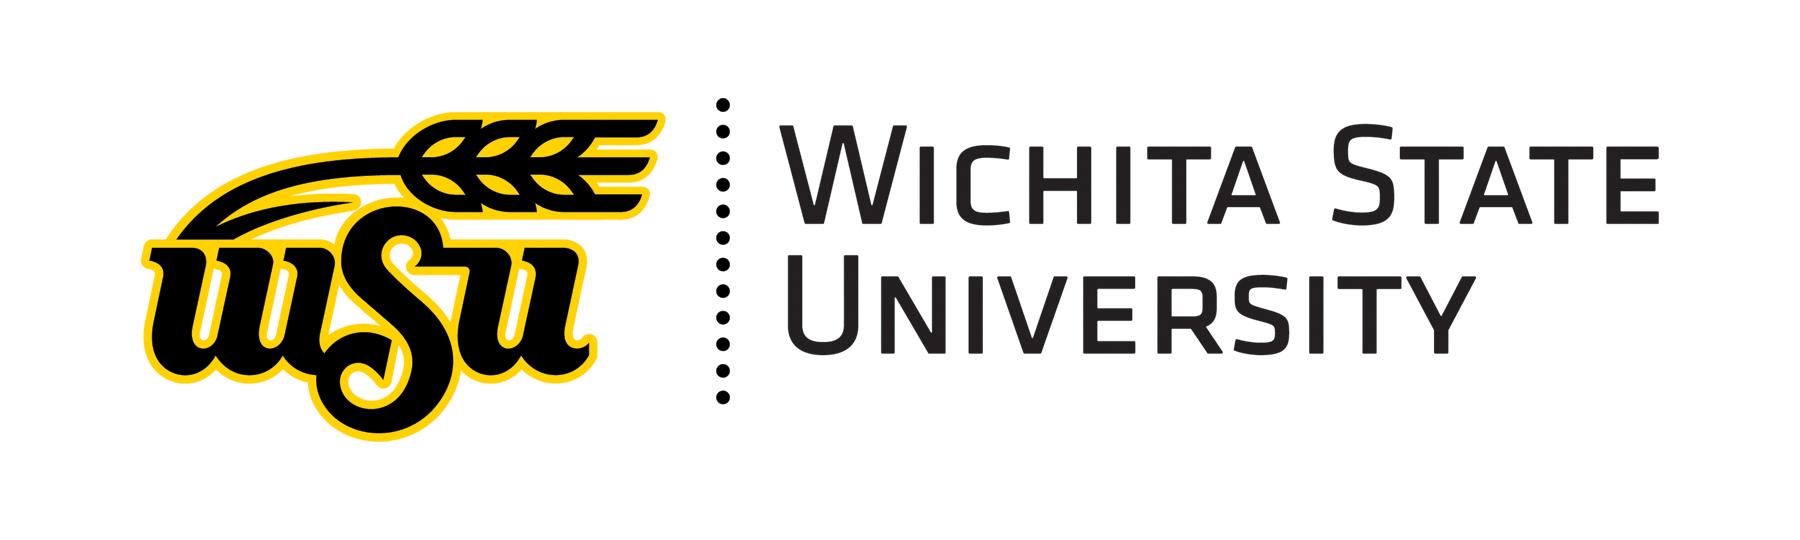 ĐẠI HỌC WICHITA STATE UNIVERSITY - HỌC BỔNG MÙA THU 2017